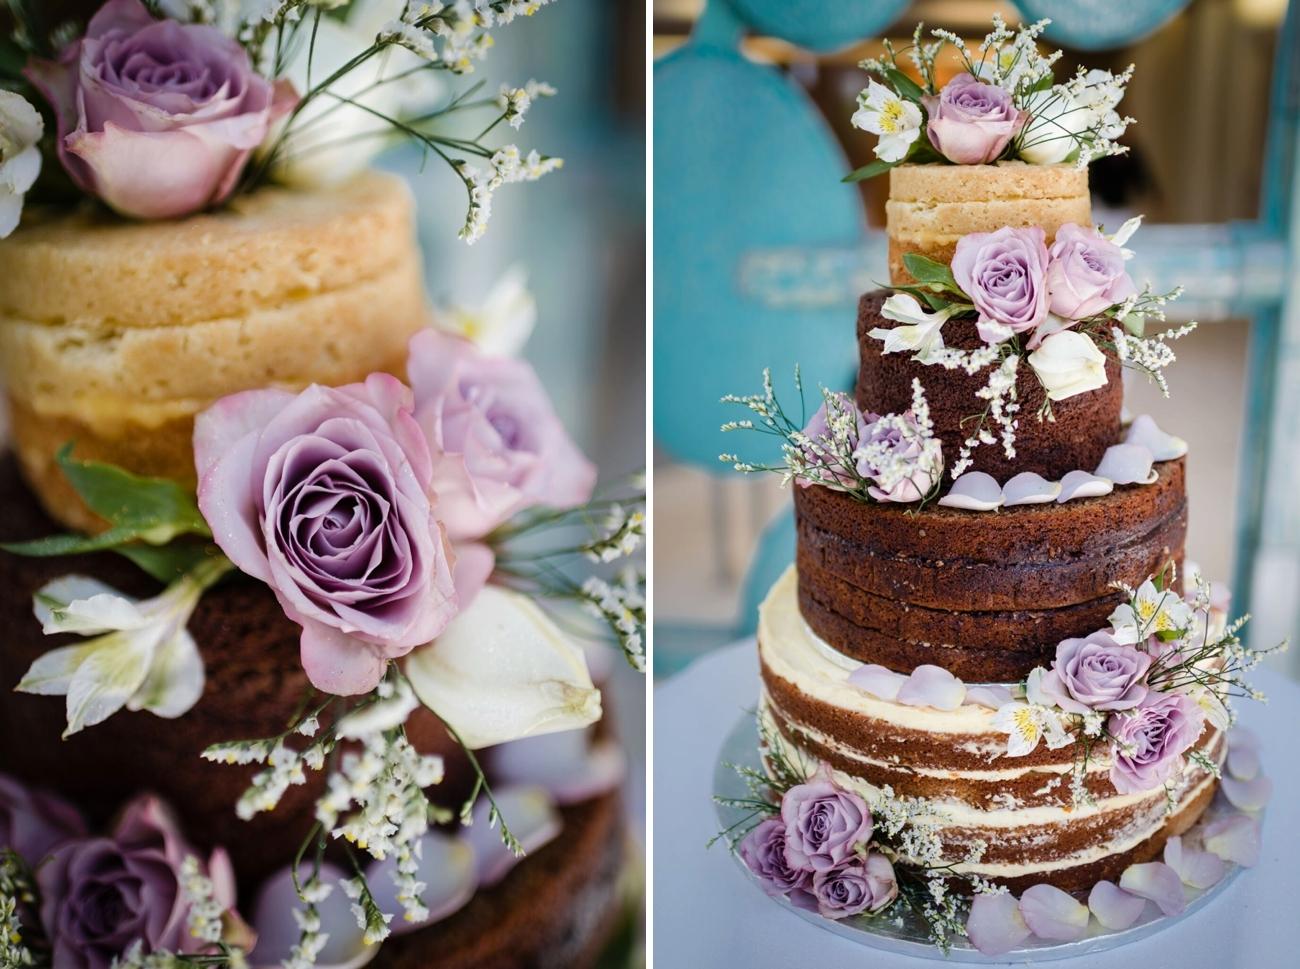 Naked Cake Detail | Image: Wynand van der Merwe